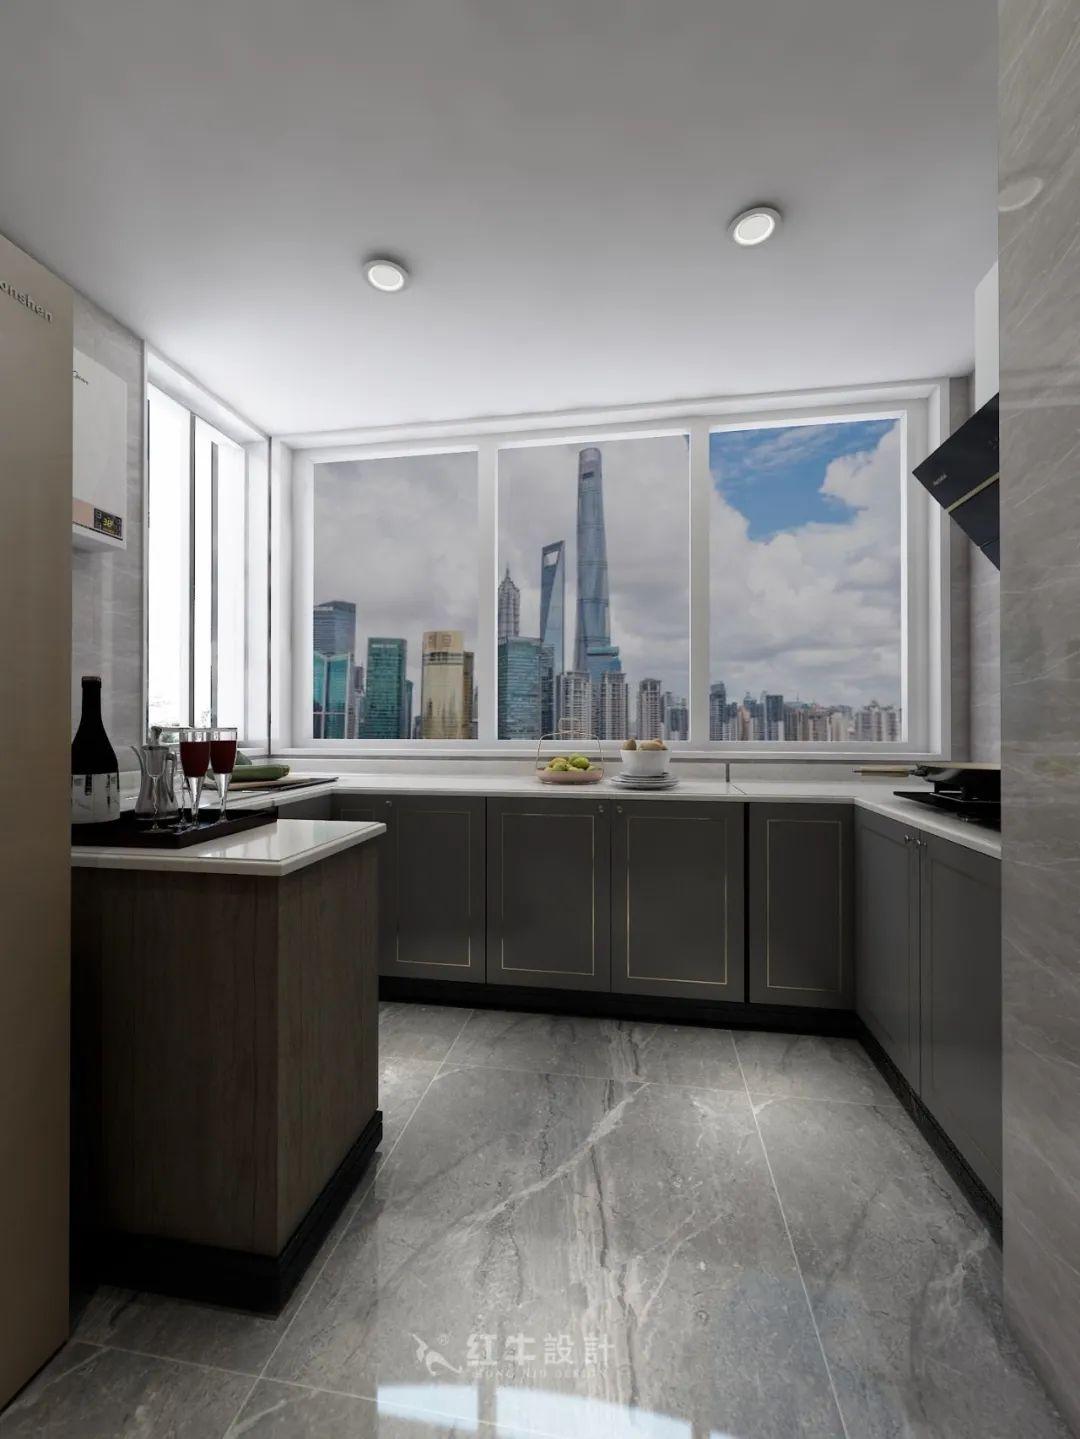 熊皓宇_同曦国际广场140㎡轻奢风格--改善性住房应该这样设计08厨房设计